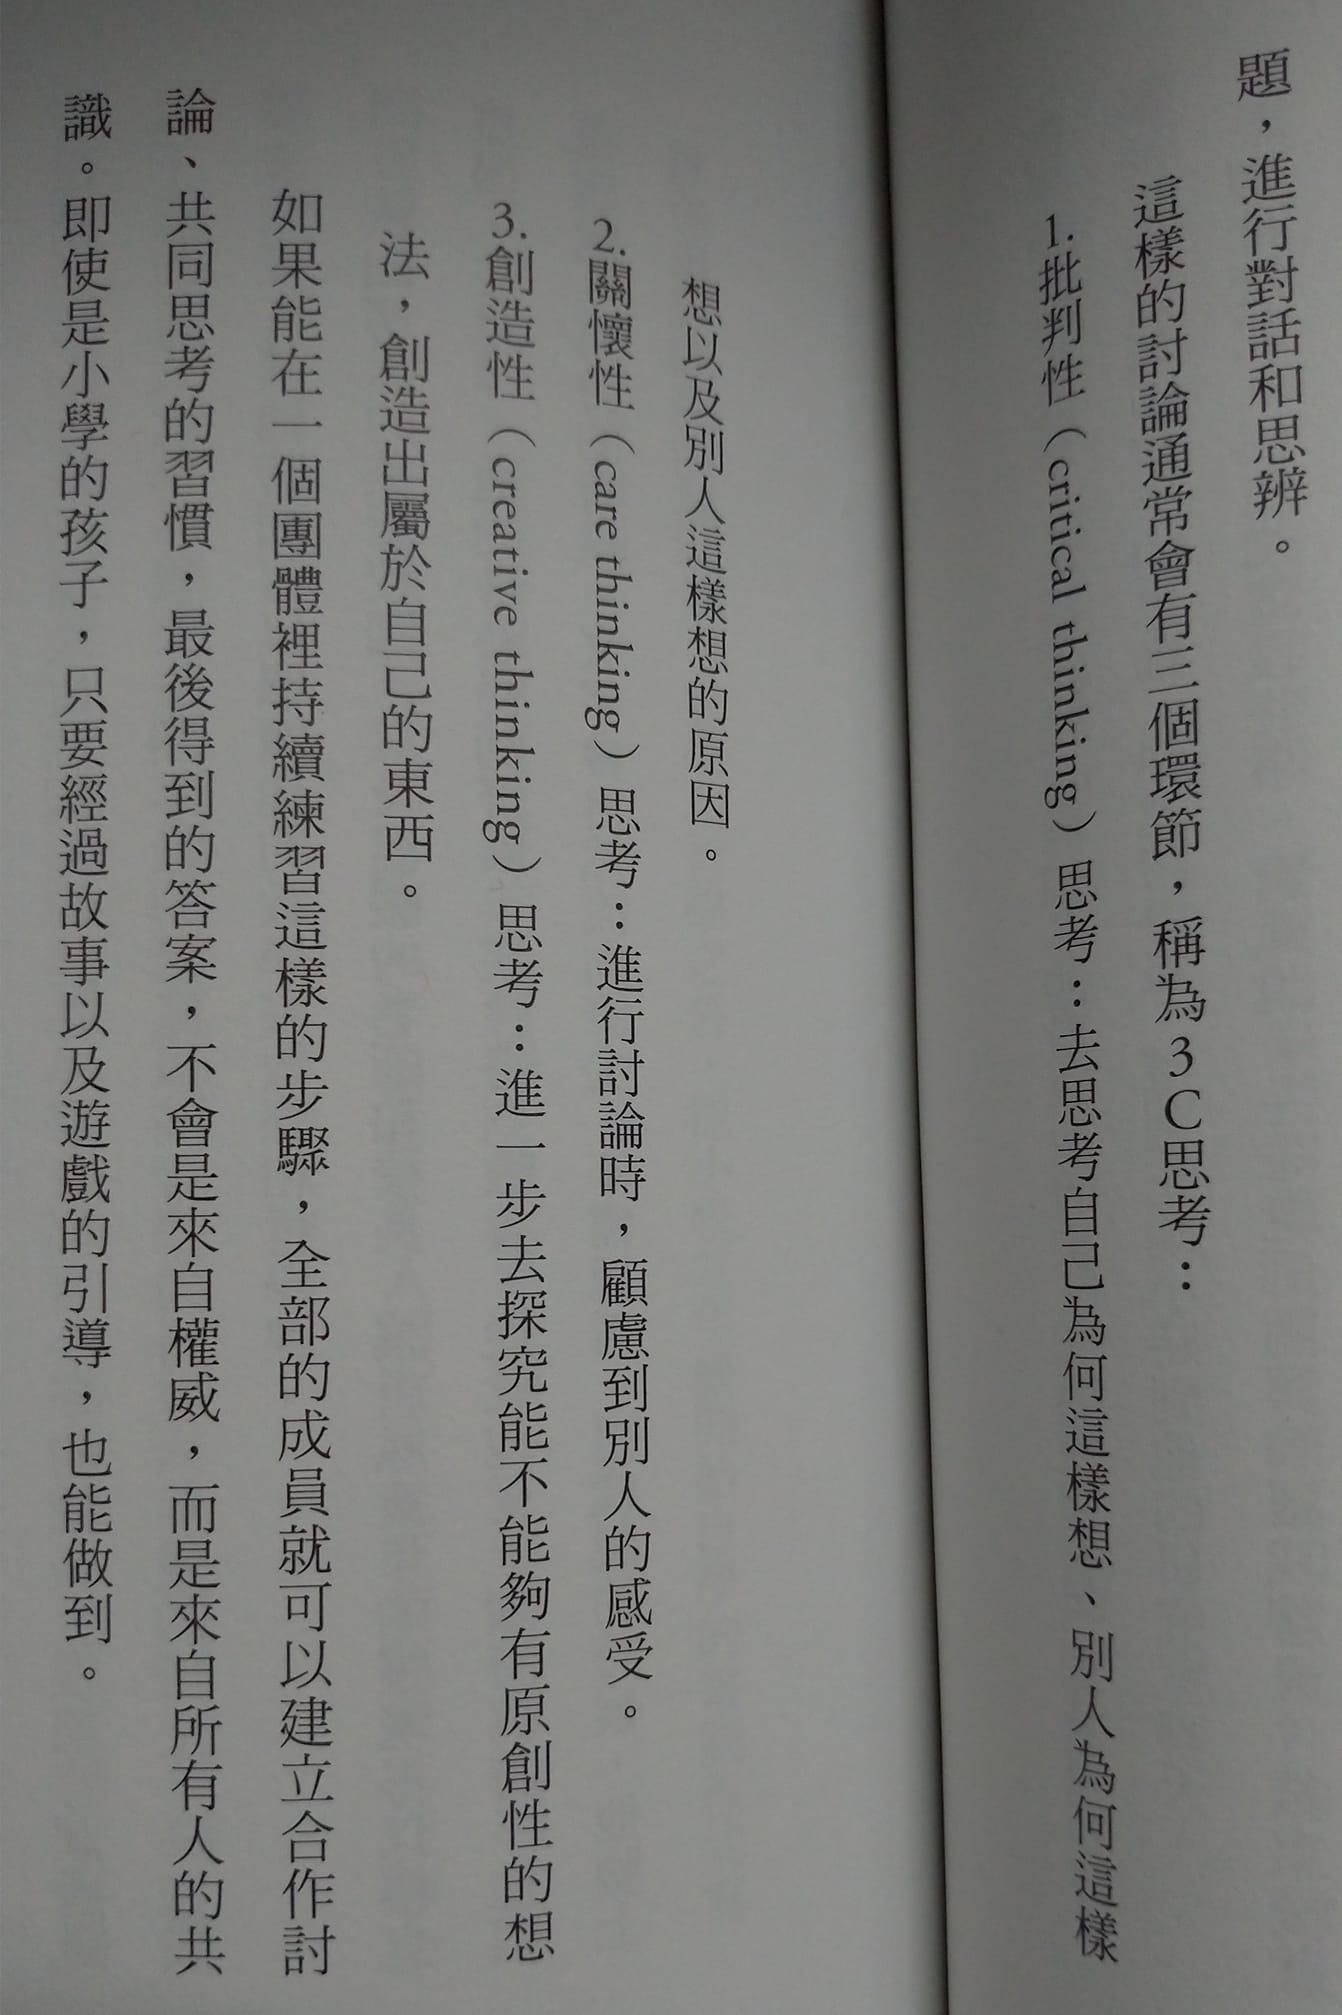 唐鳳的思考訓練